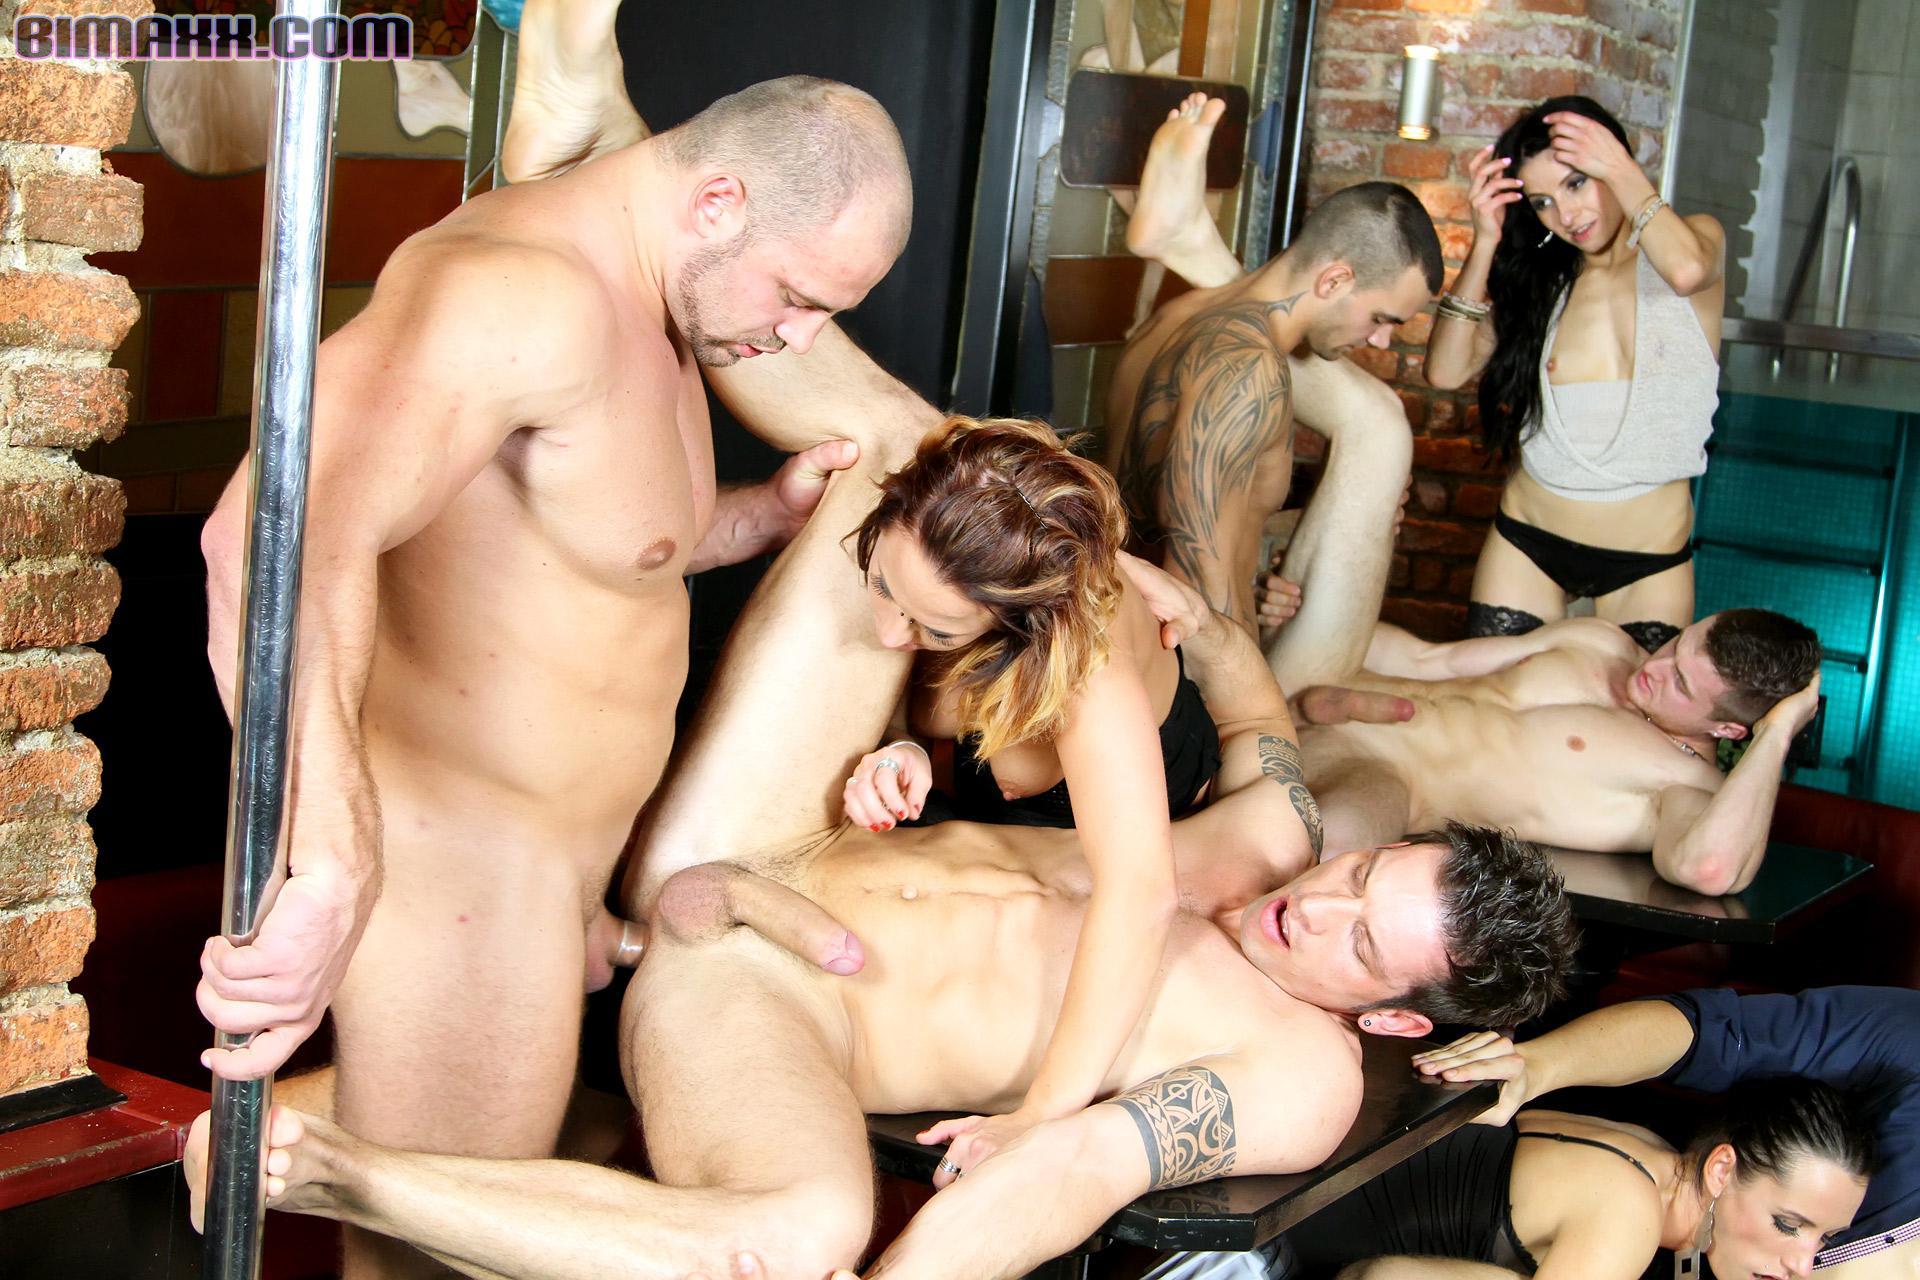 Смотреть онлайн жёсткая вечеринка, Порно вечеринки - бесстыдные Секс Вечеринки пьяных 9 фотография